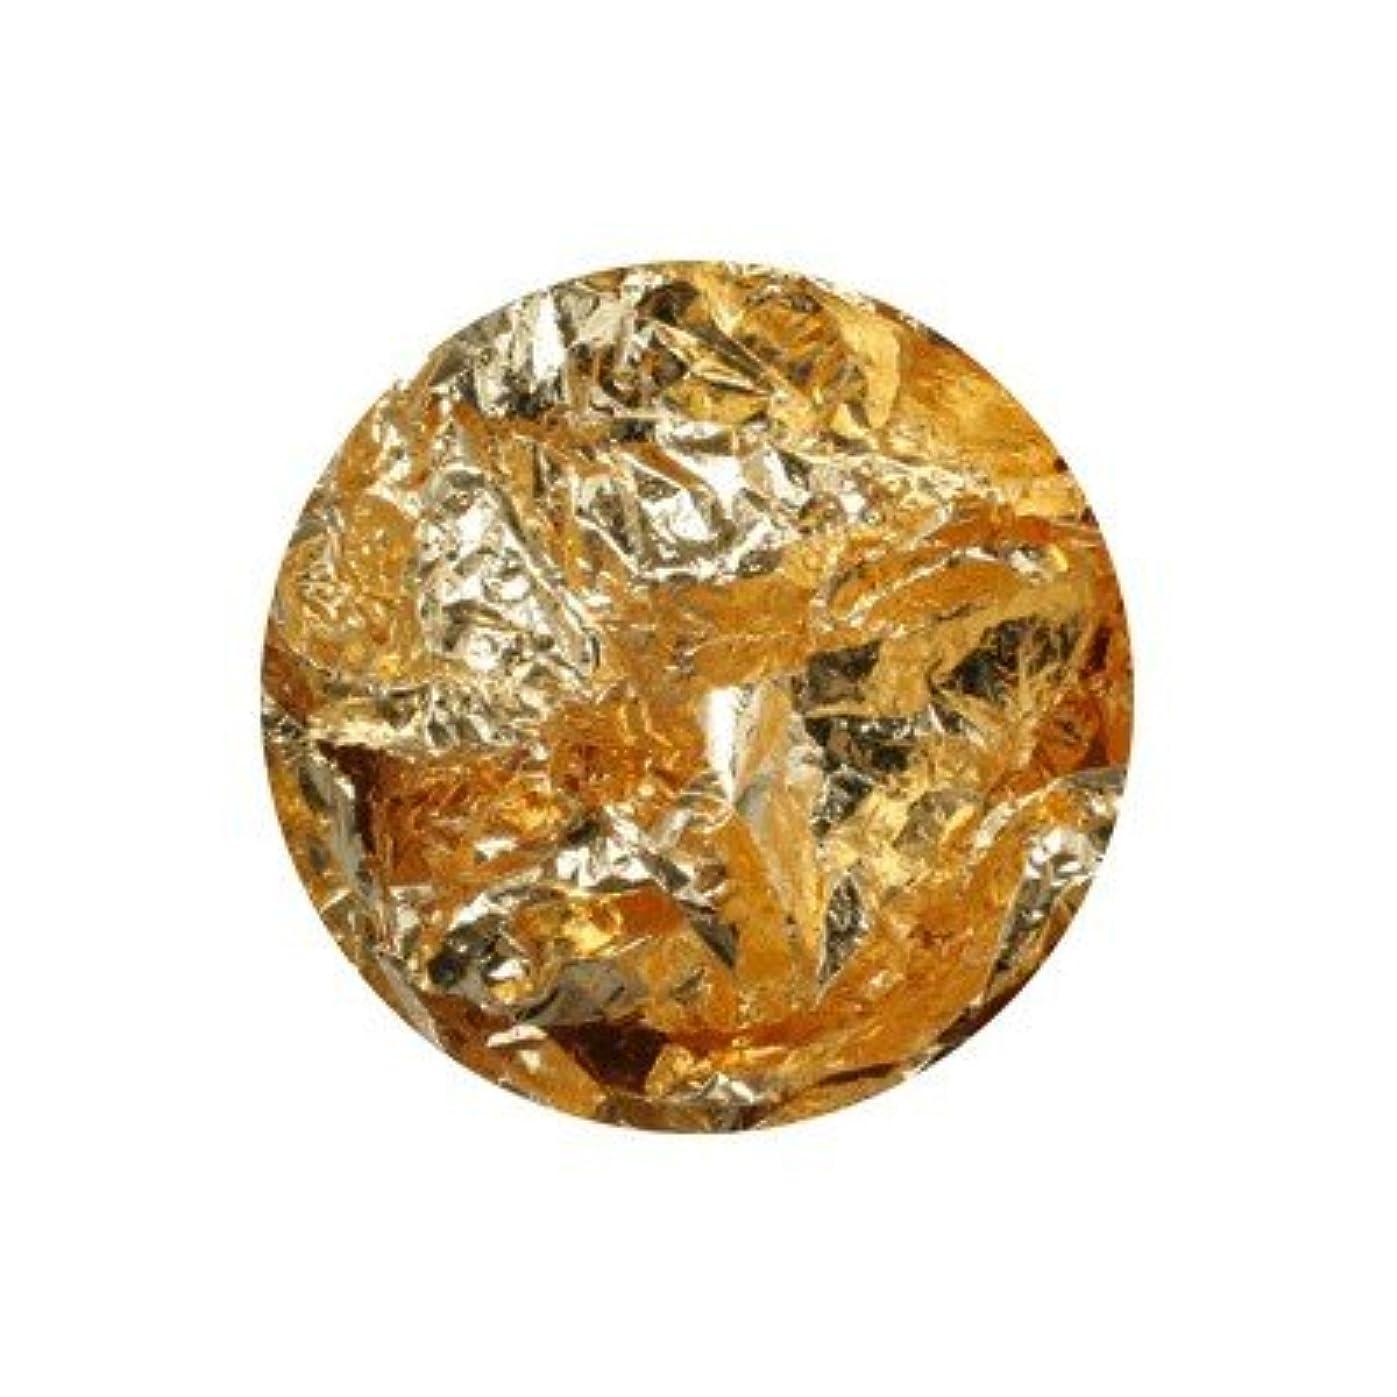 インスタンス成熟したバーストボンネイル 金箔